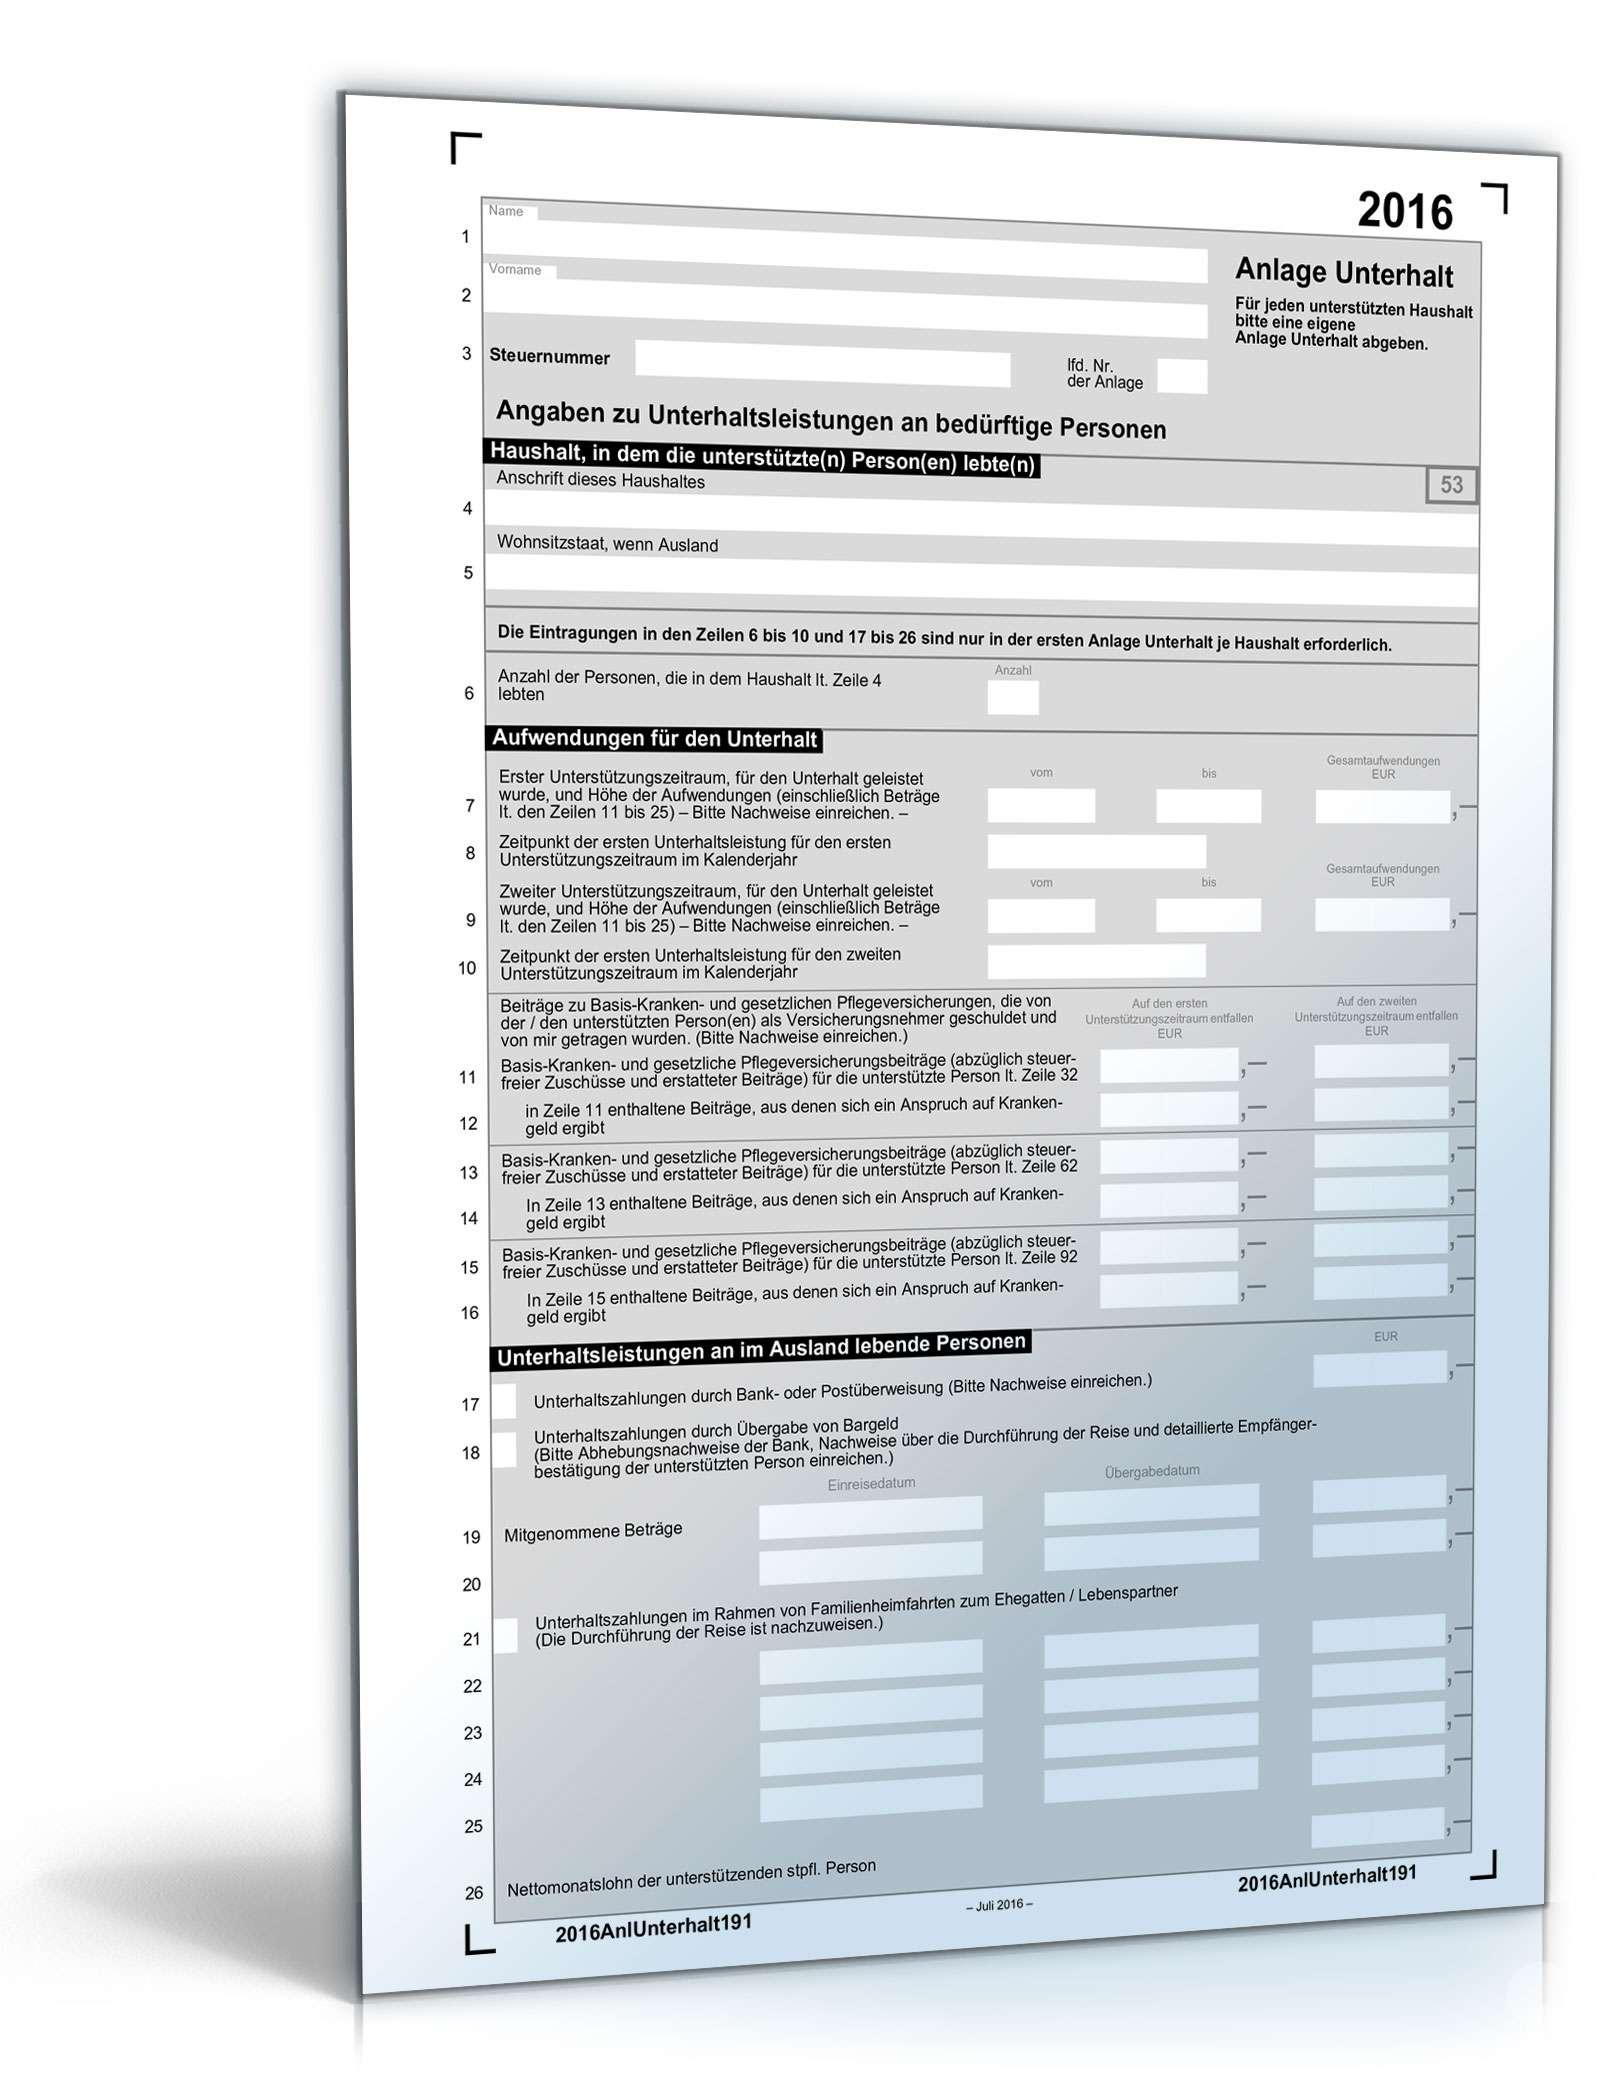 Anlage Unterhalt 2016 Dokument zum Download